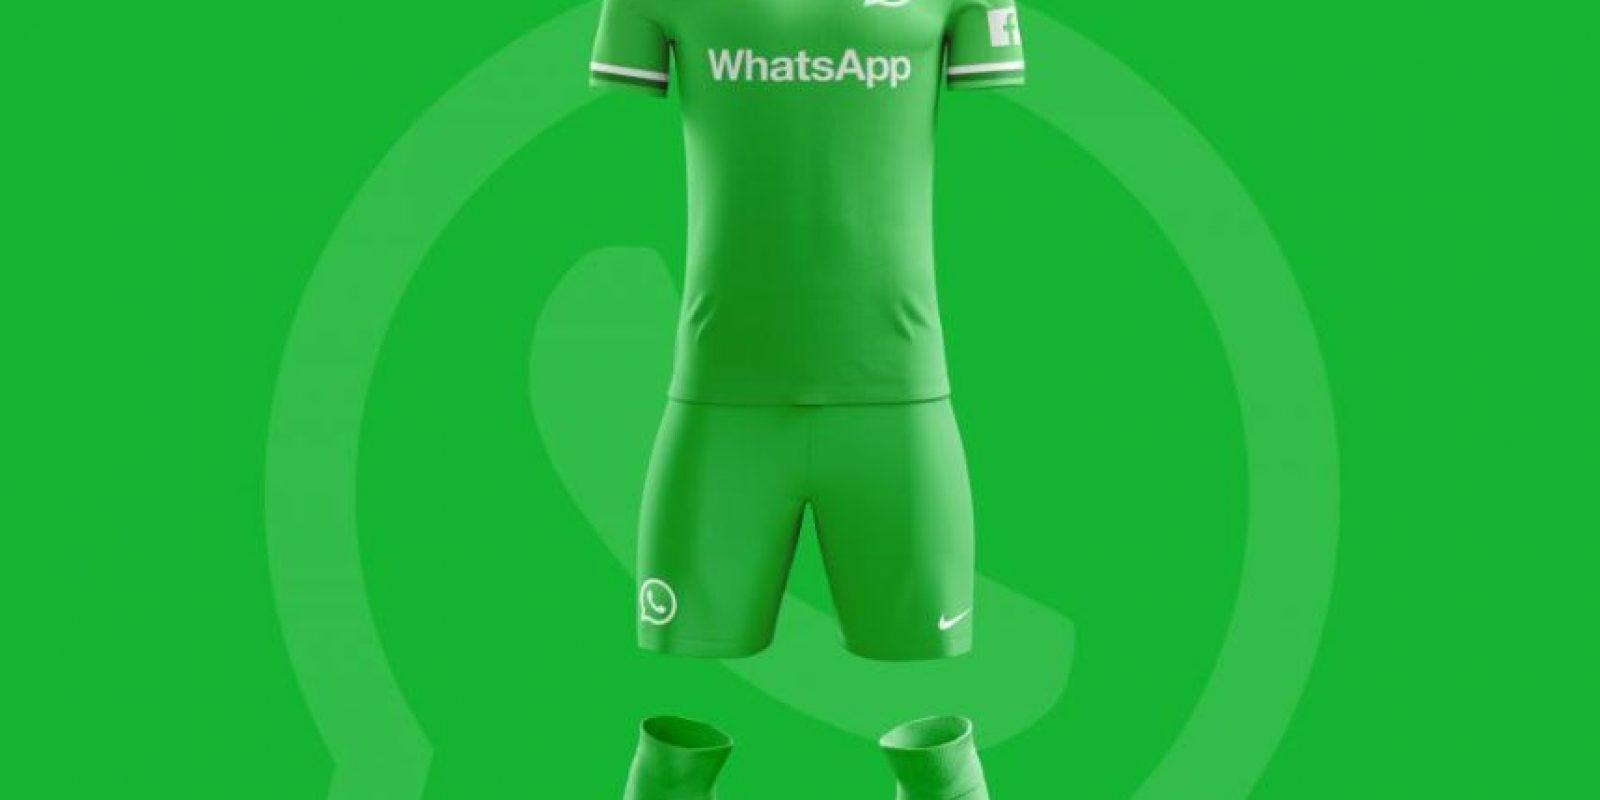 AS Whatsapp